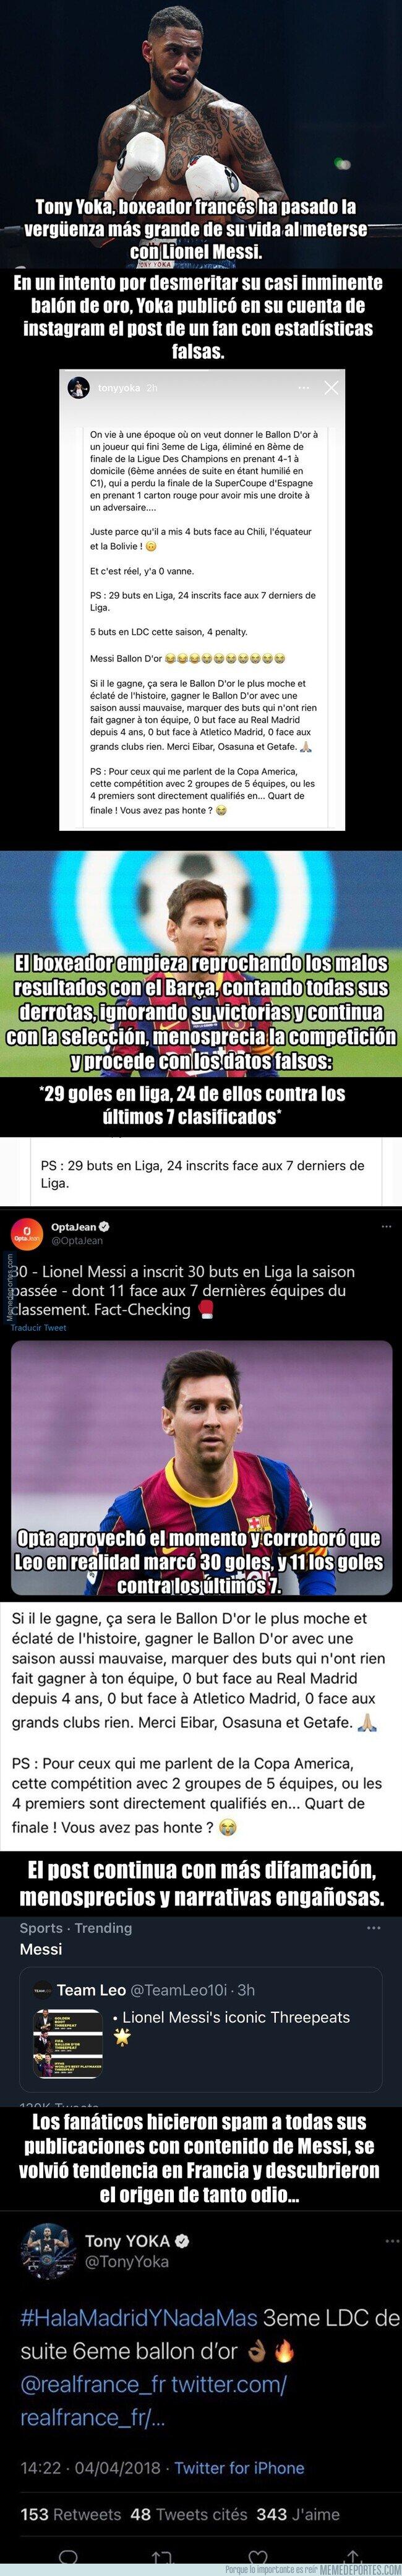 1140653 - Un boxeador francés, hater de Messi se lleva una lección de humildad por menospreciarle con estos datos